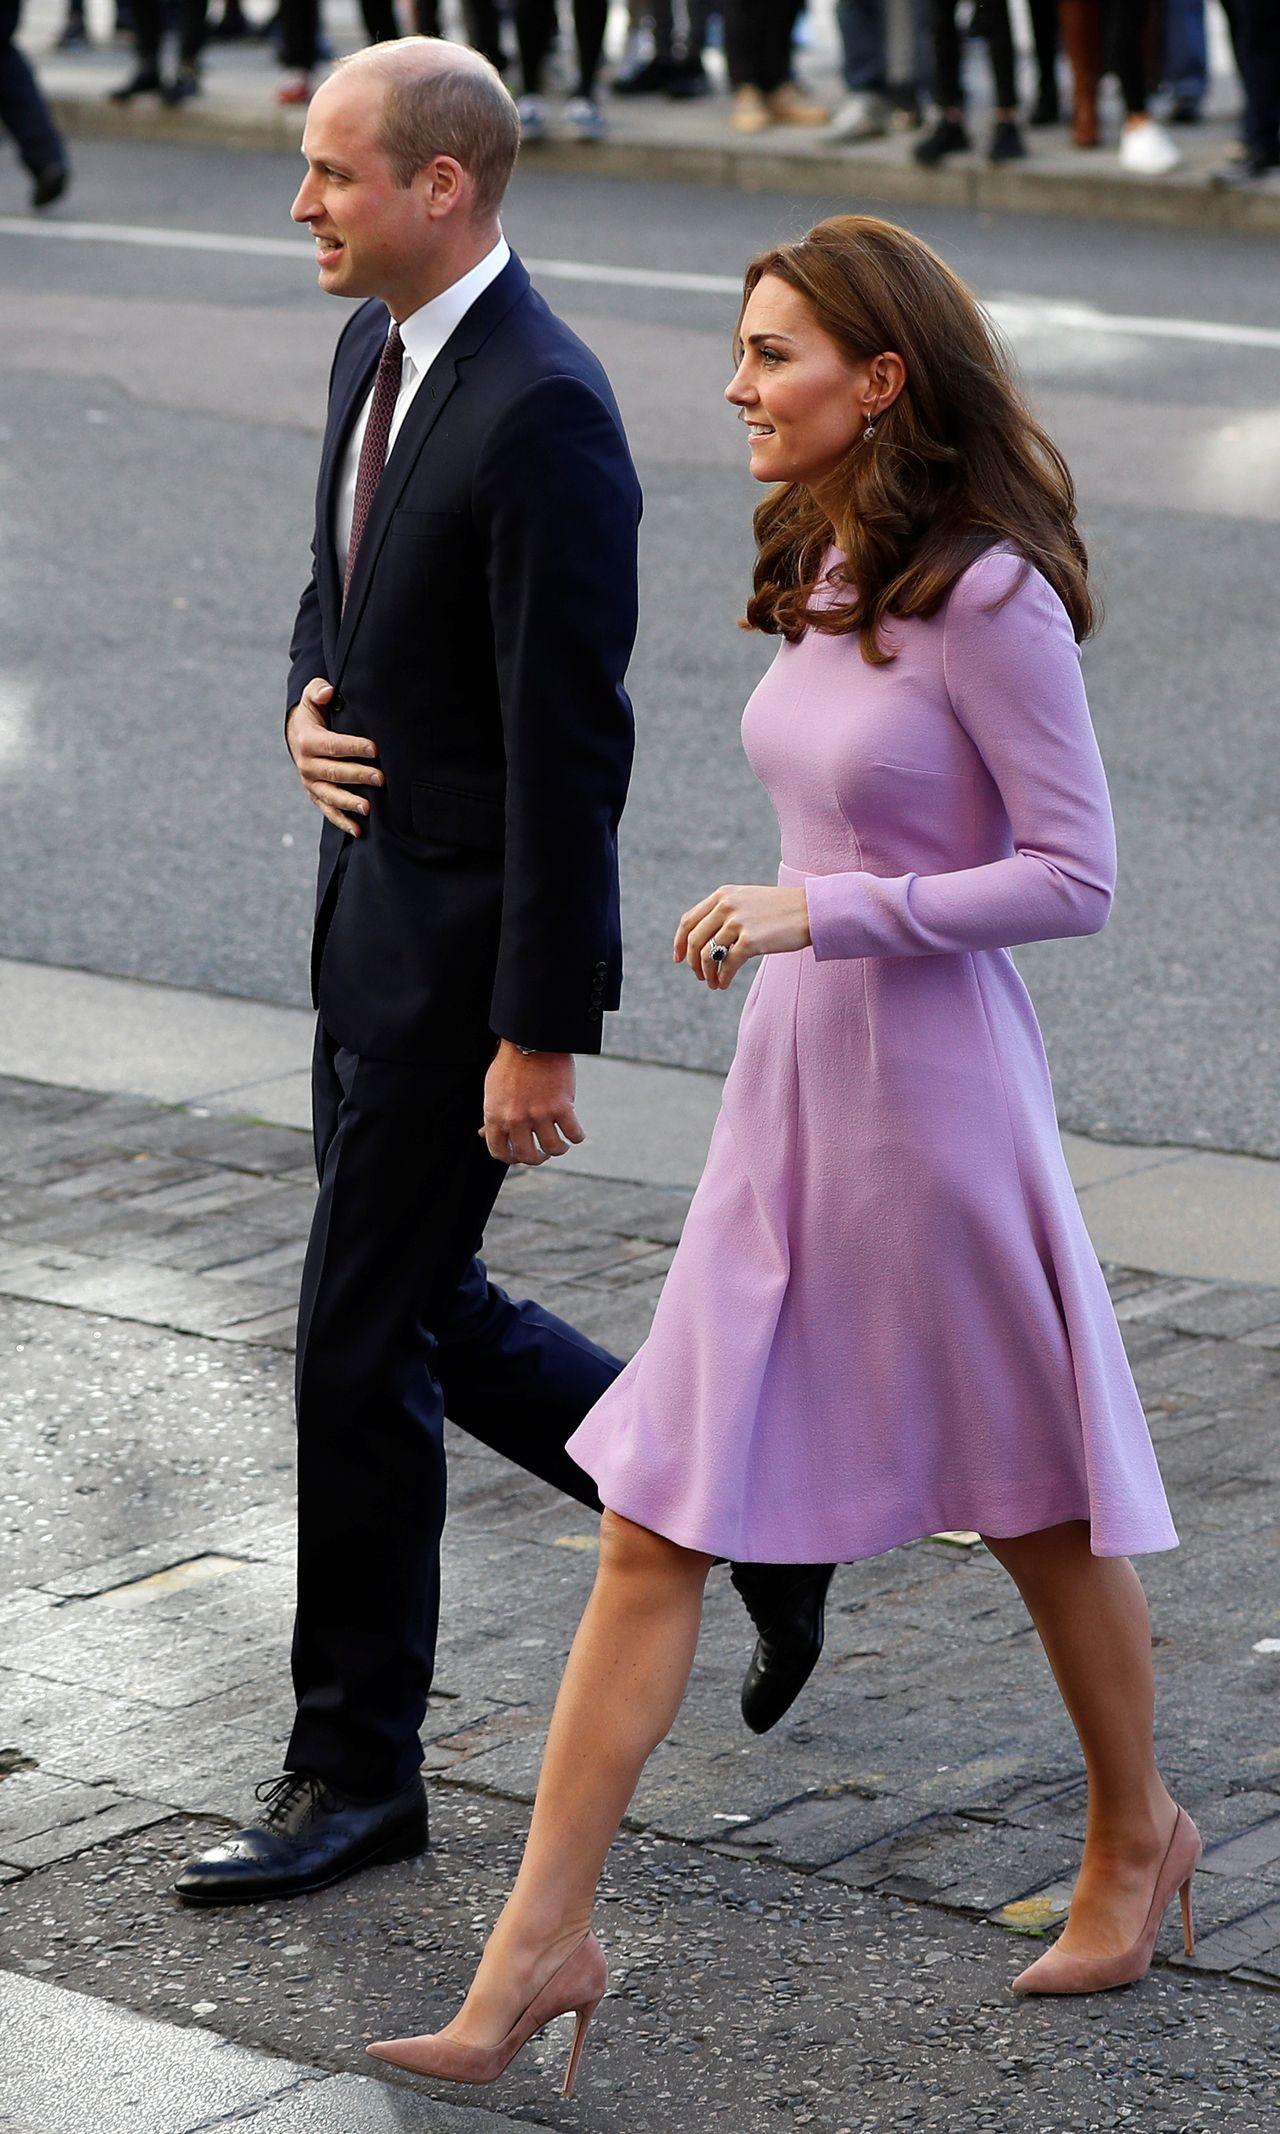 Księżna Kate była WŚCIEKŁA na Williama, gdy dowiedziała się o TYM wyskoku